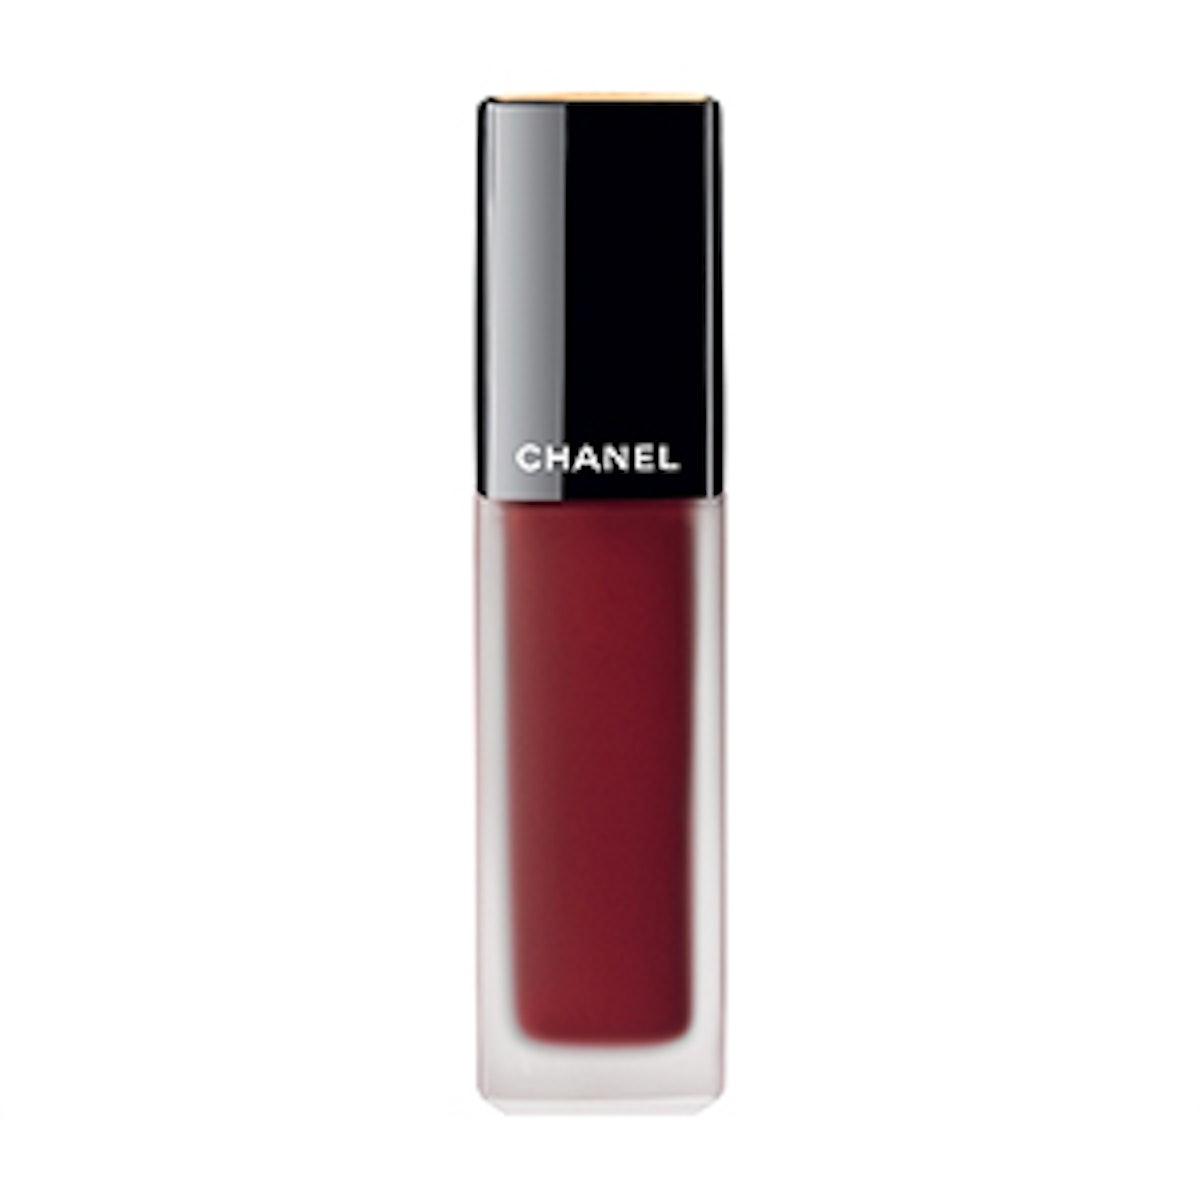 Rouge Allure Ink Matte Liquid Lip Colour in Experimente